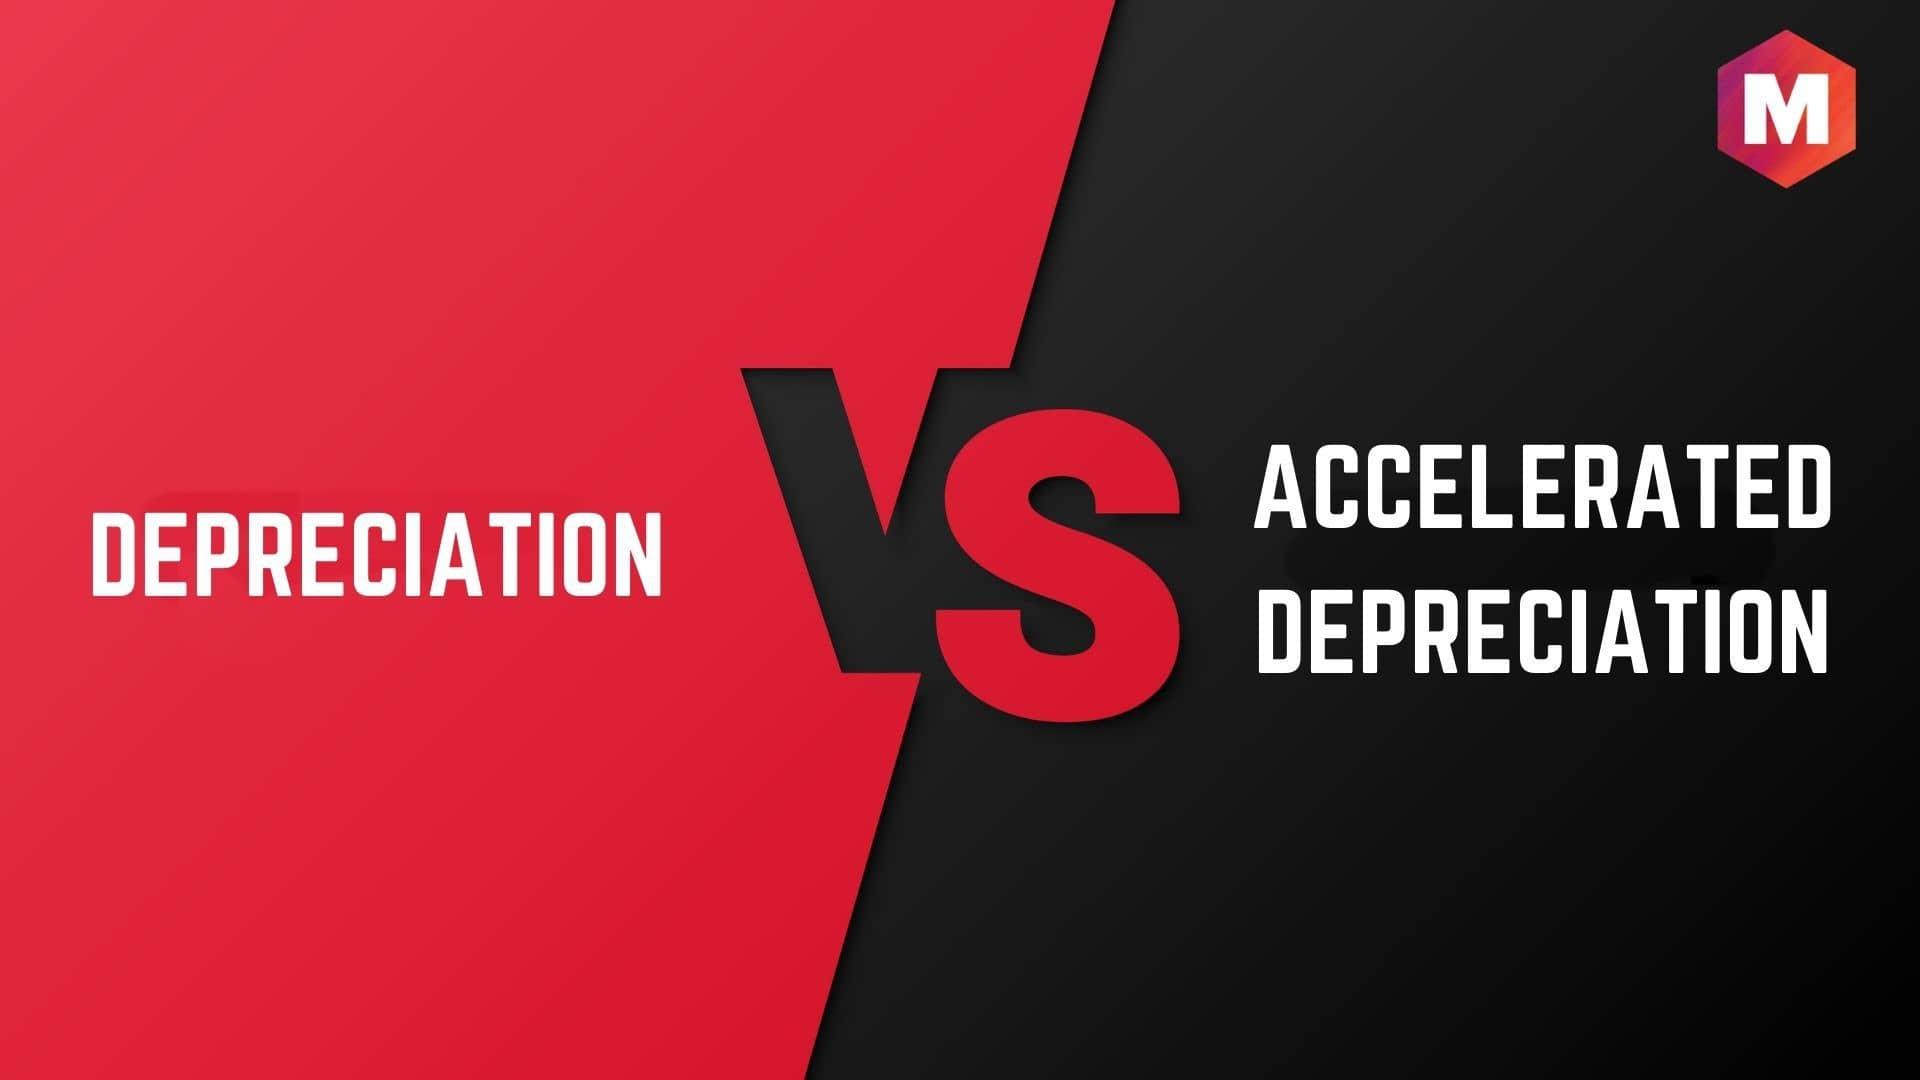 Depreciation vs Accelerated Depreciation